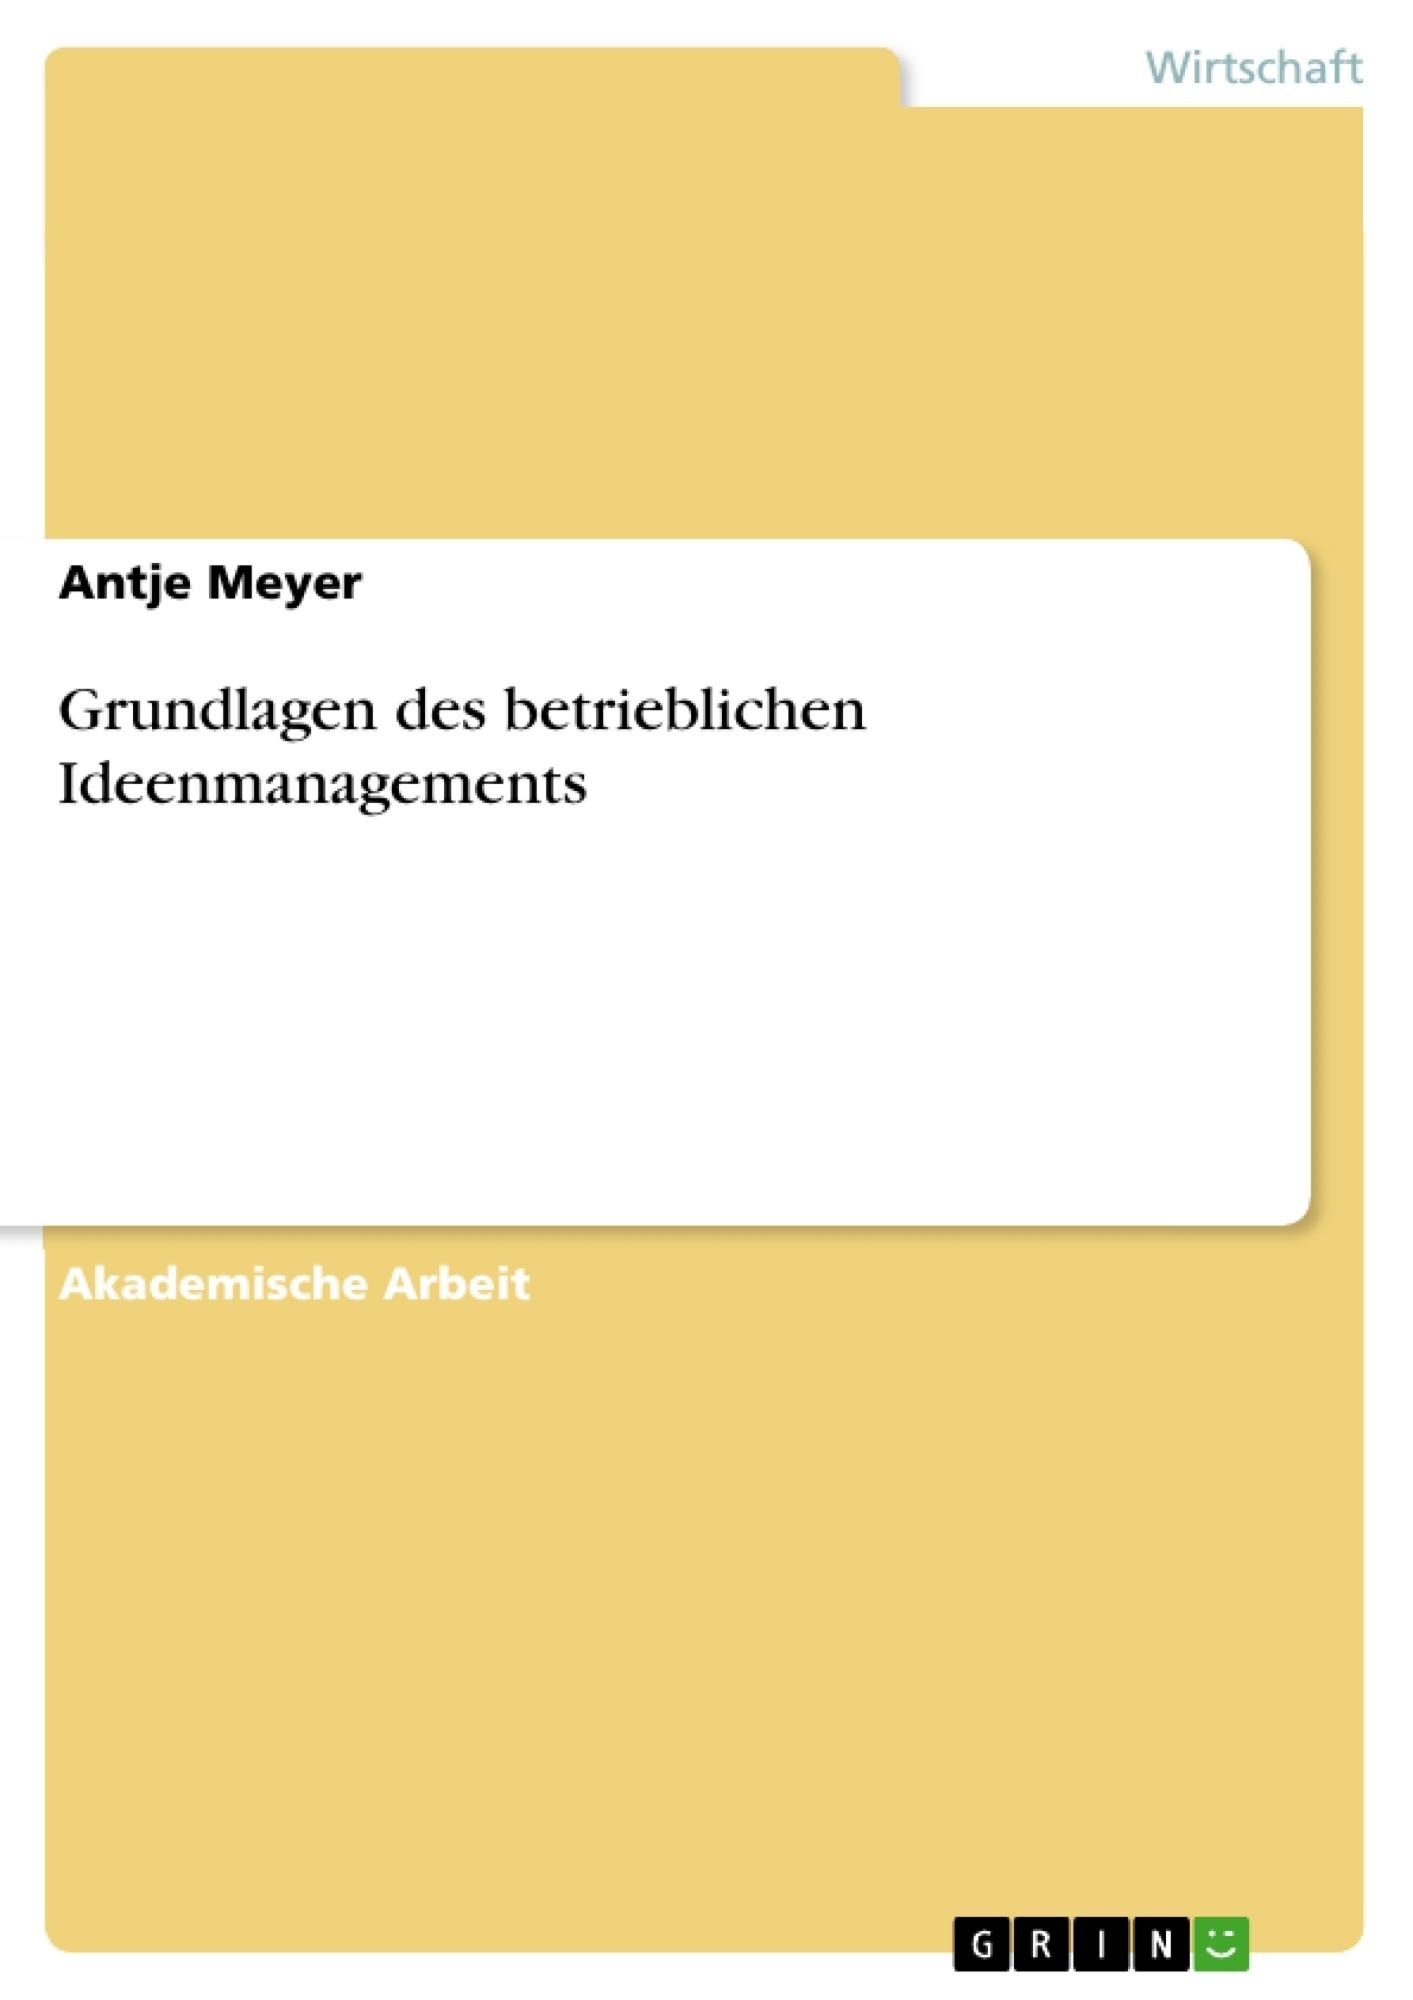 Titel: Grundlagen des betrieblichen Ideenmanagements